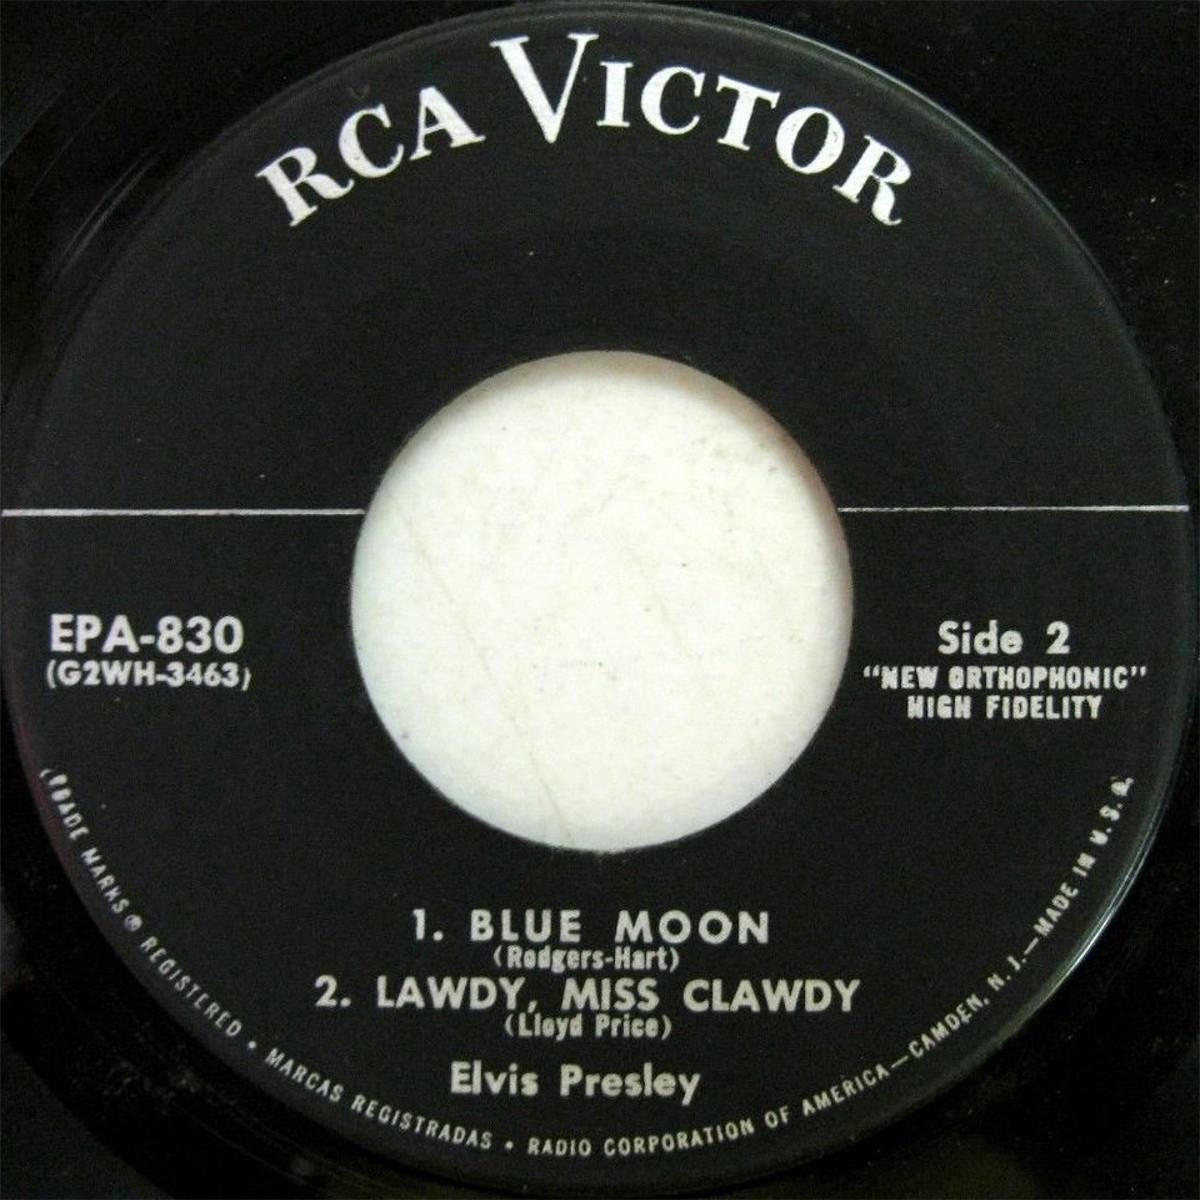 Presley - ELVIS PRESLEY Epa830dxnrqx